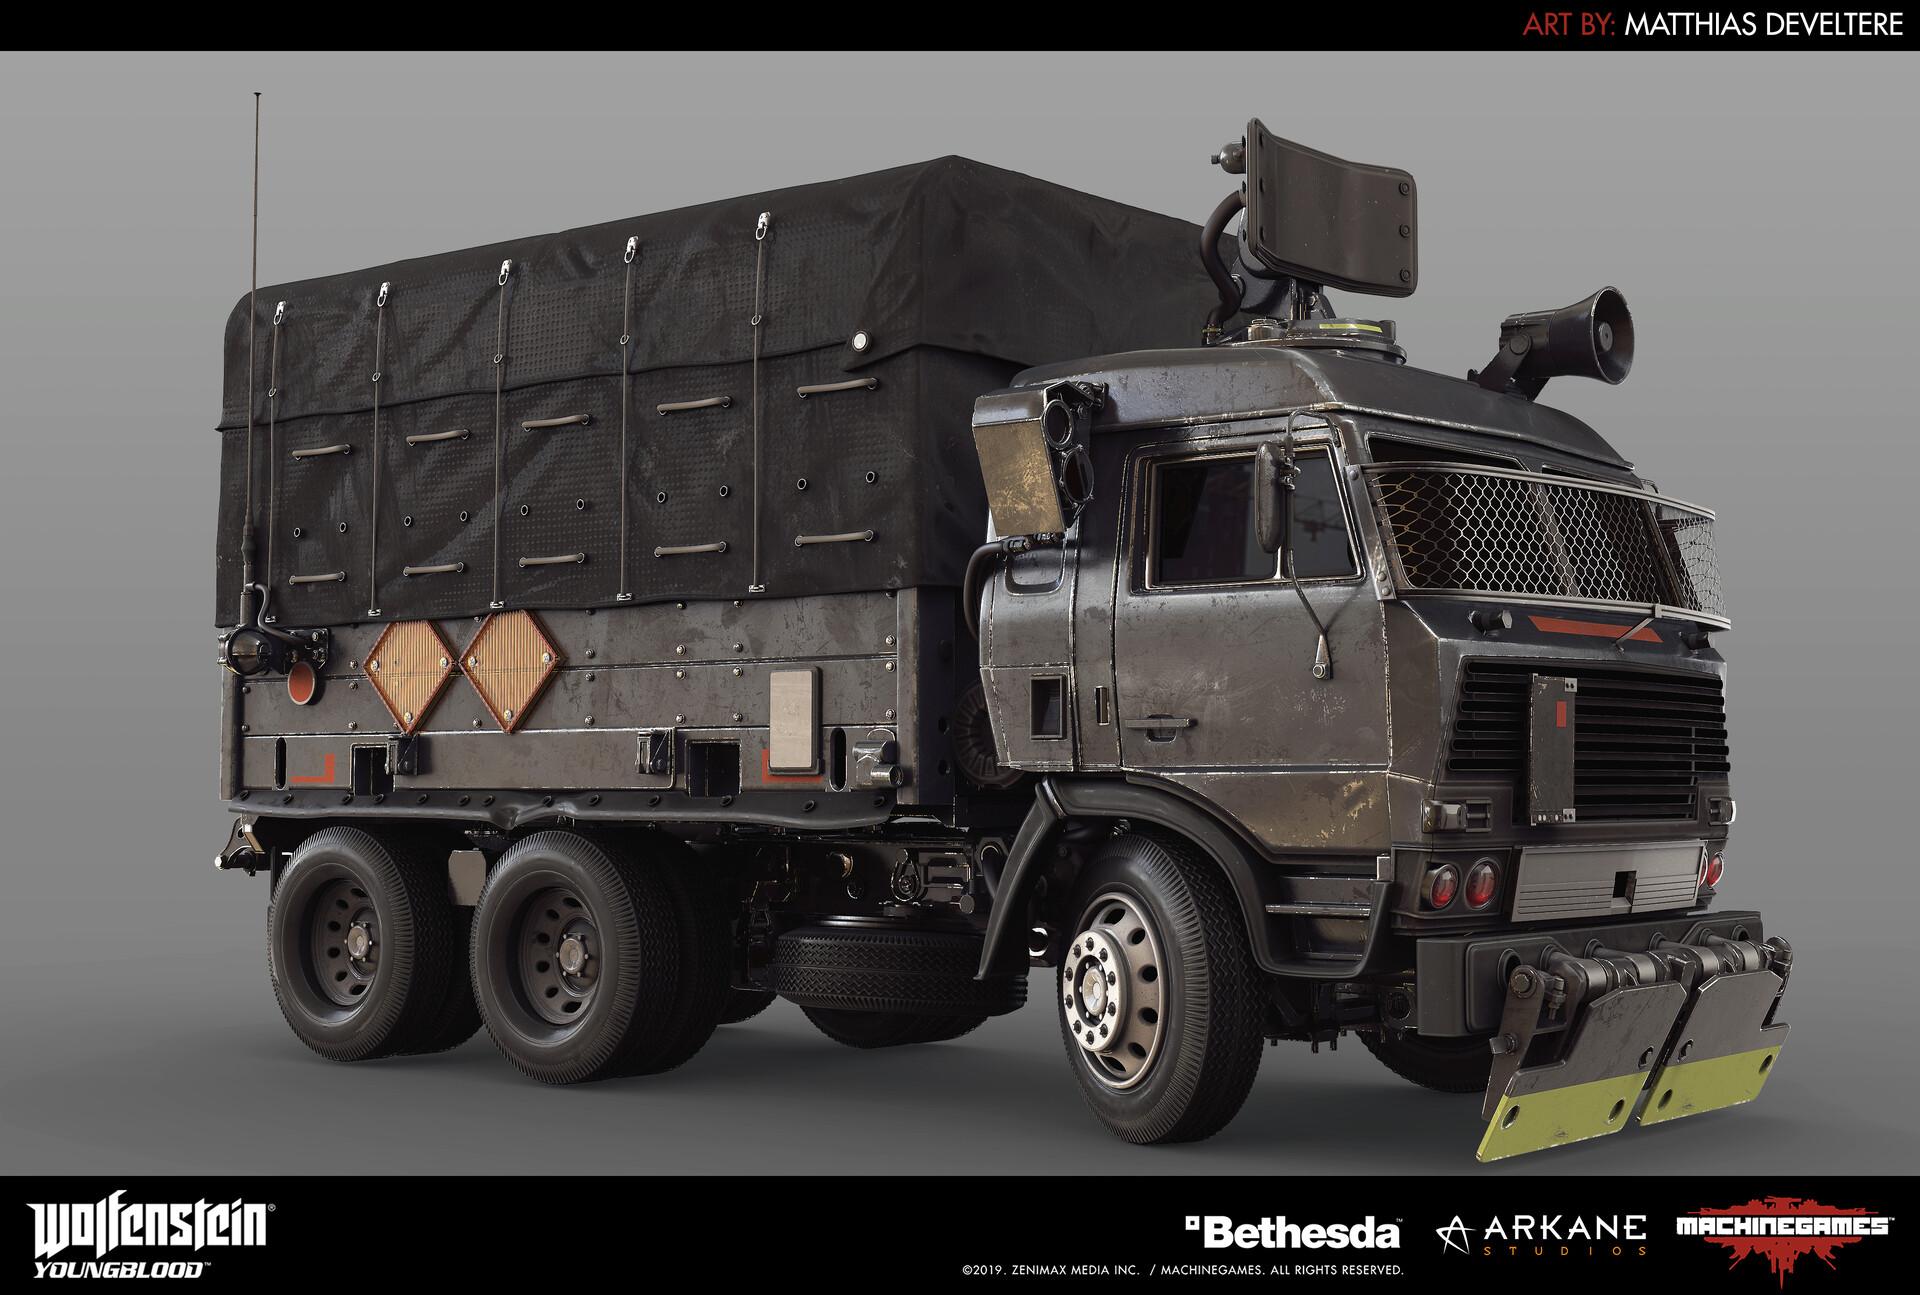 Matthias develtere truck 2